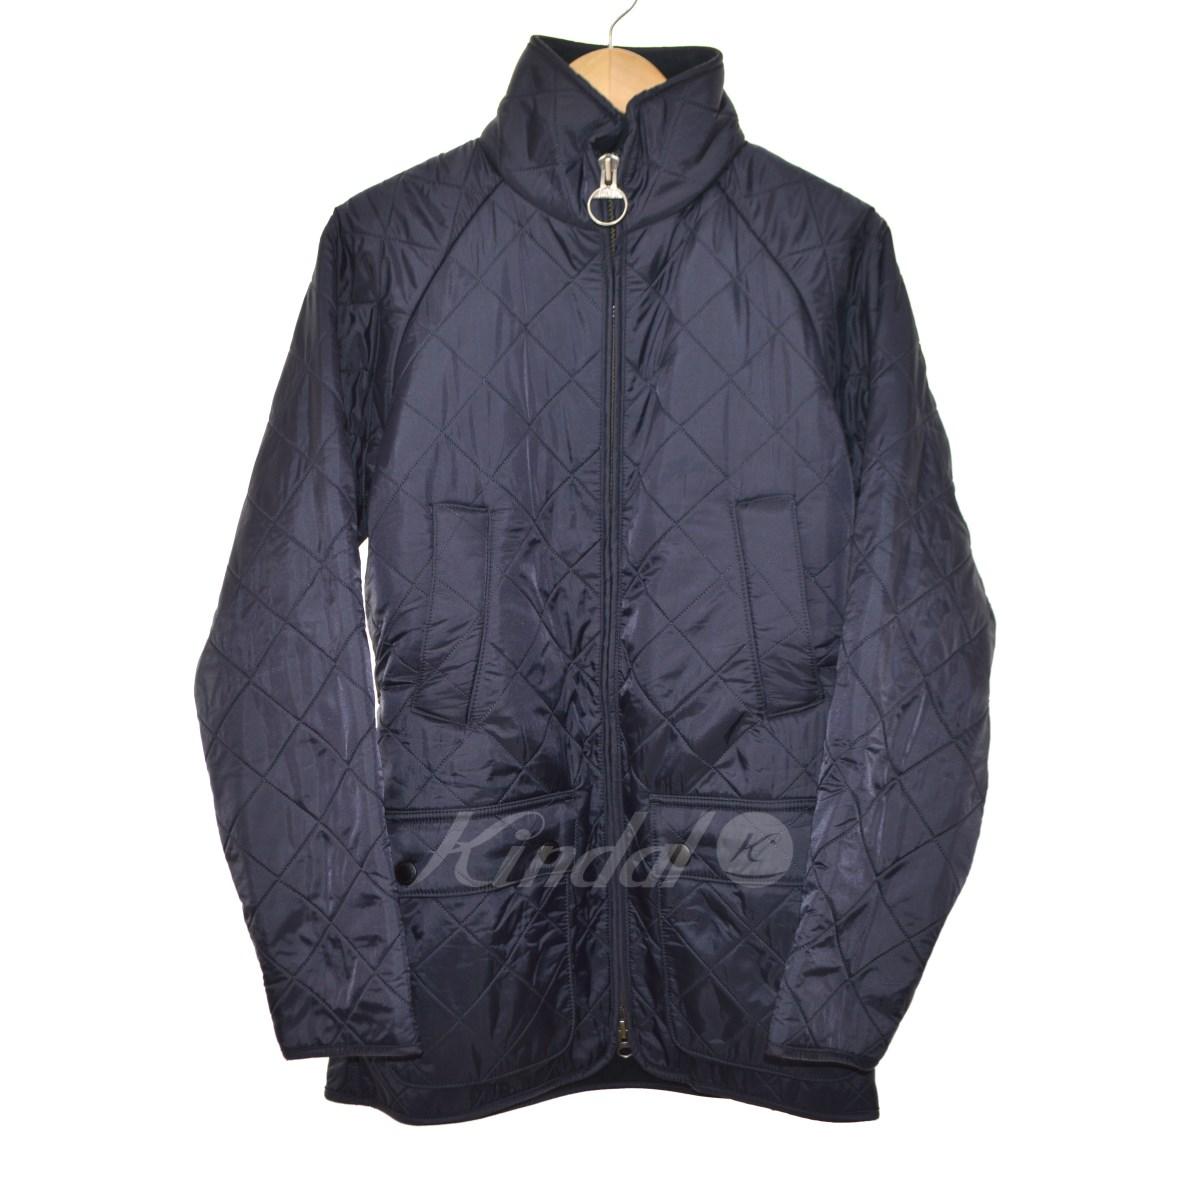 【中古】Barbour POLAR QUILT JACKET SL キルティングジャケット ネイビー サイズ:38 【送料無料】 【221018】(バーブァー)